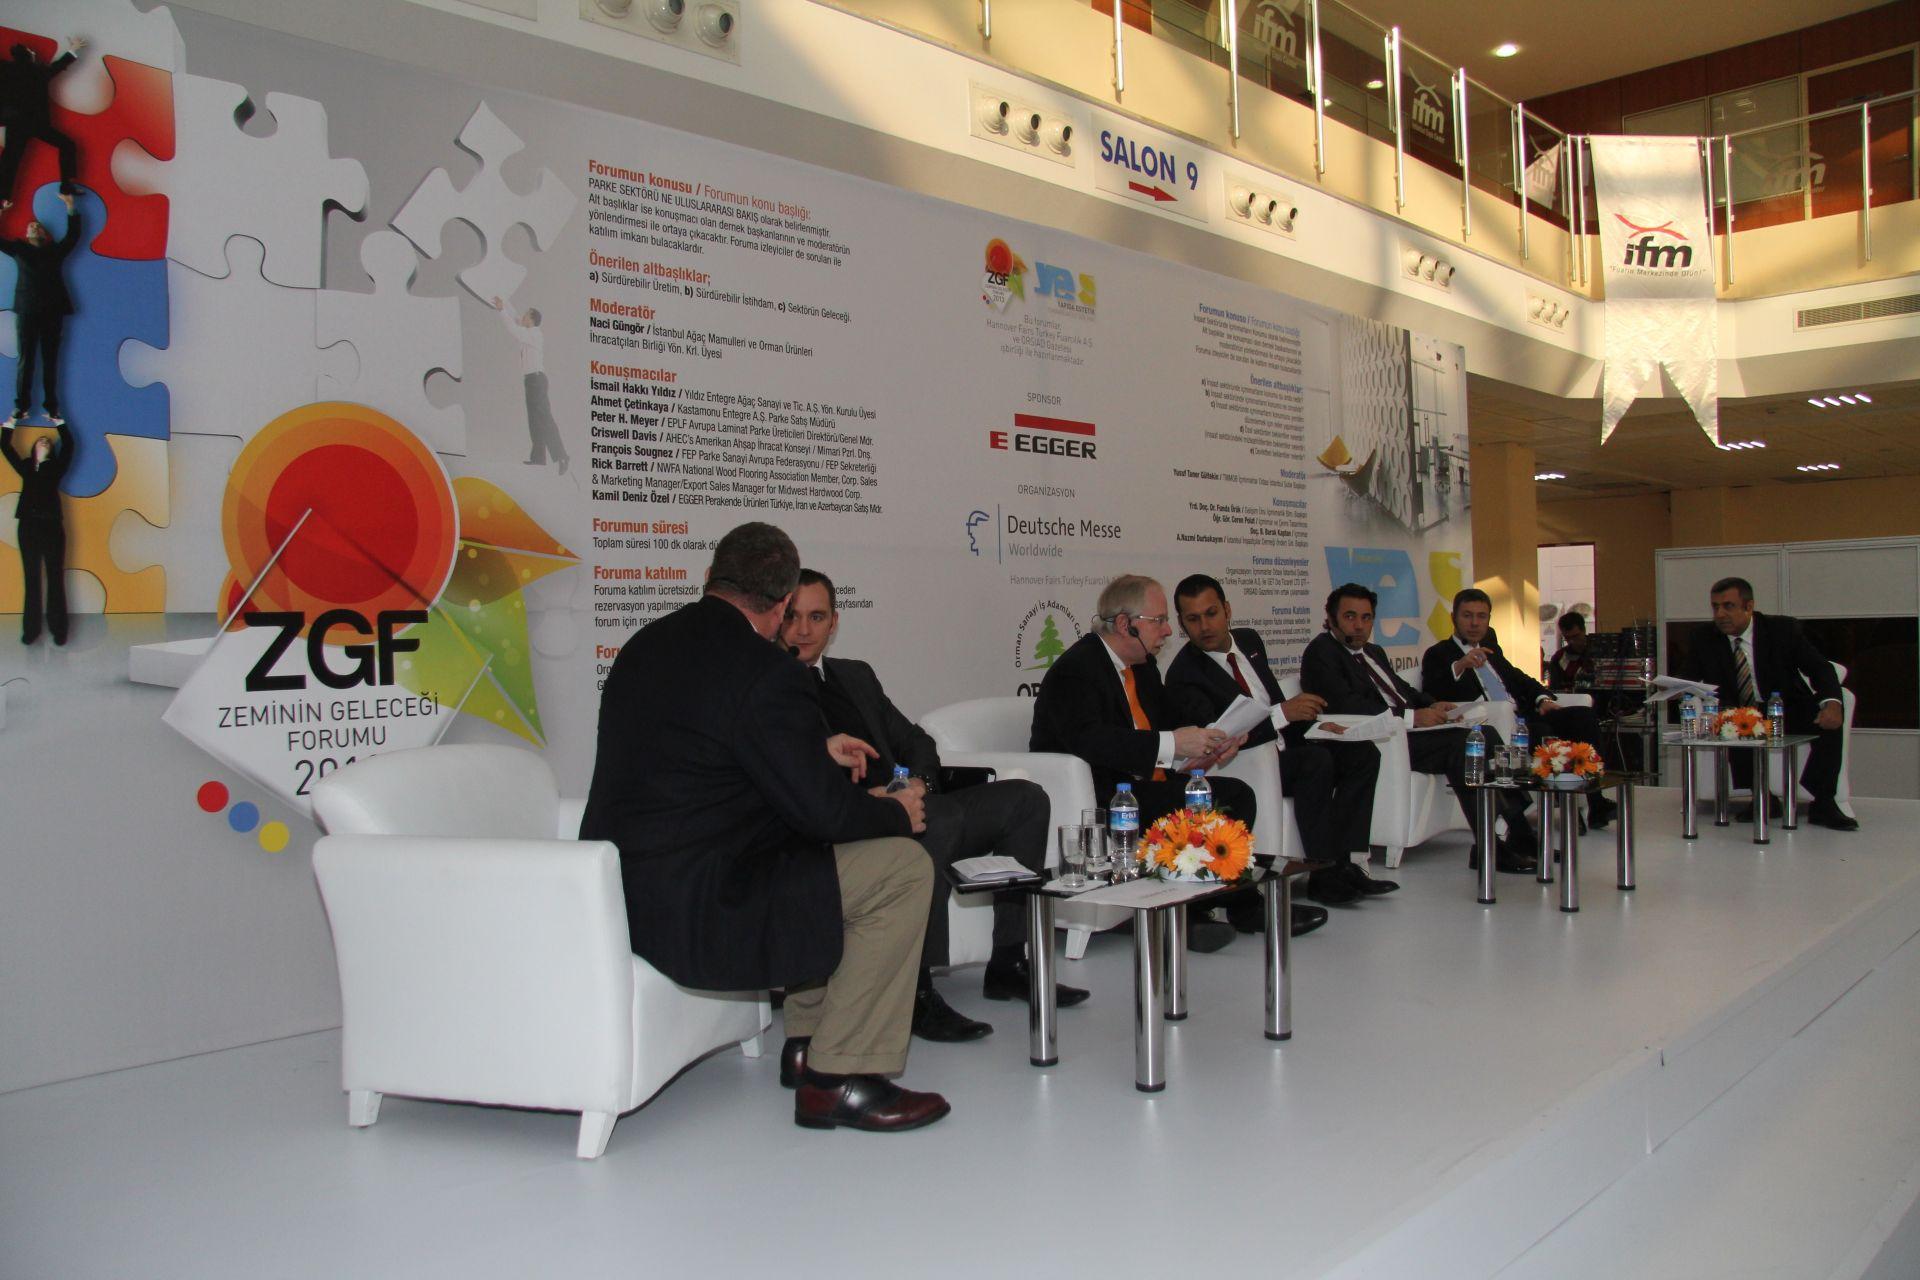 DOMOTEX Turkey 2013 Zeminin Geleceği Forumu